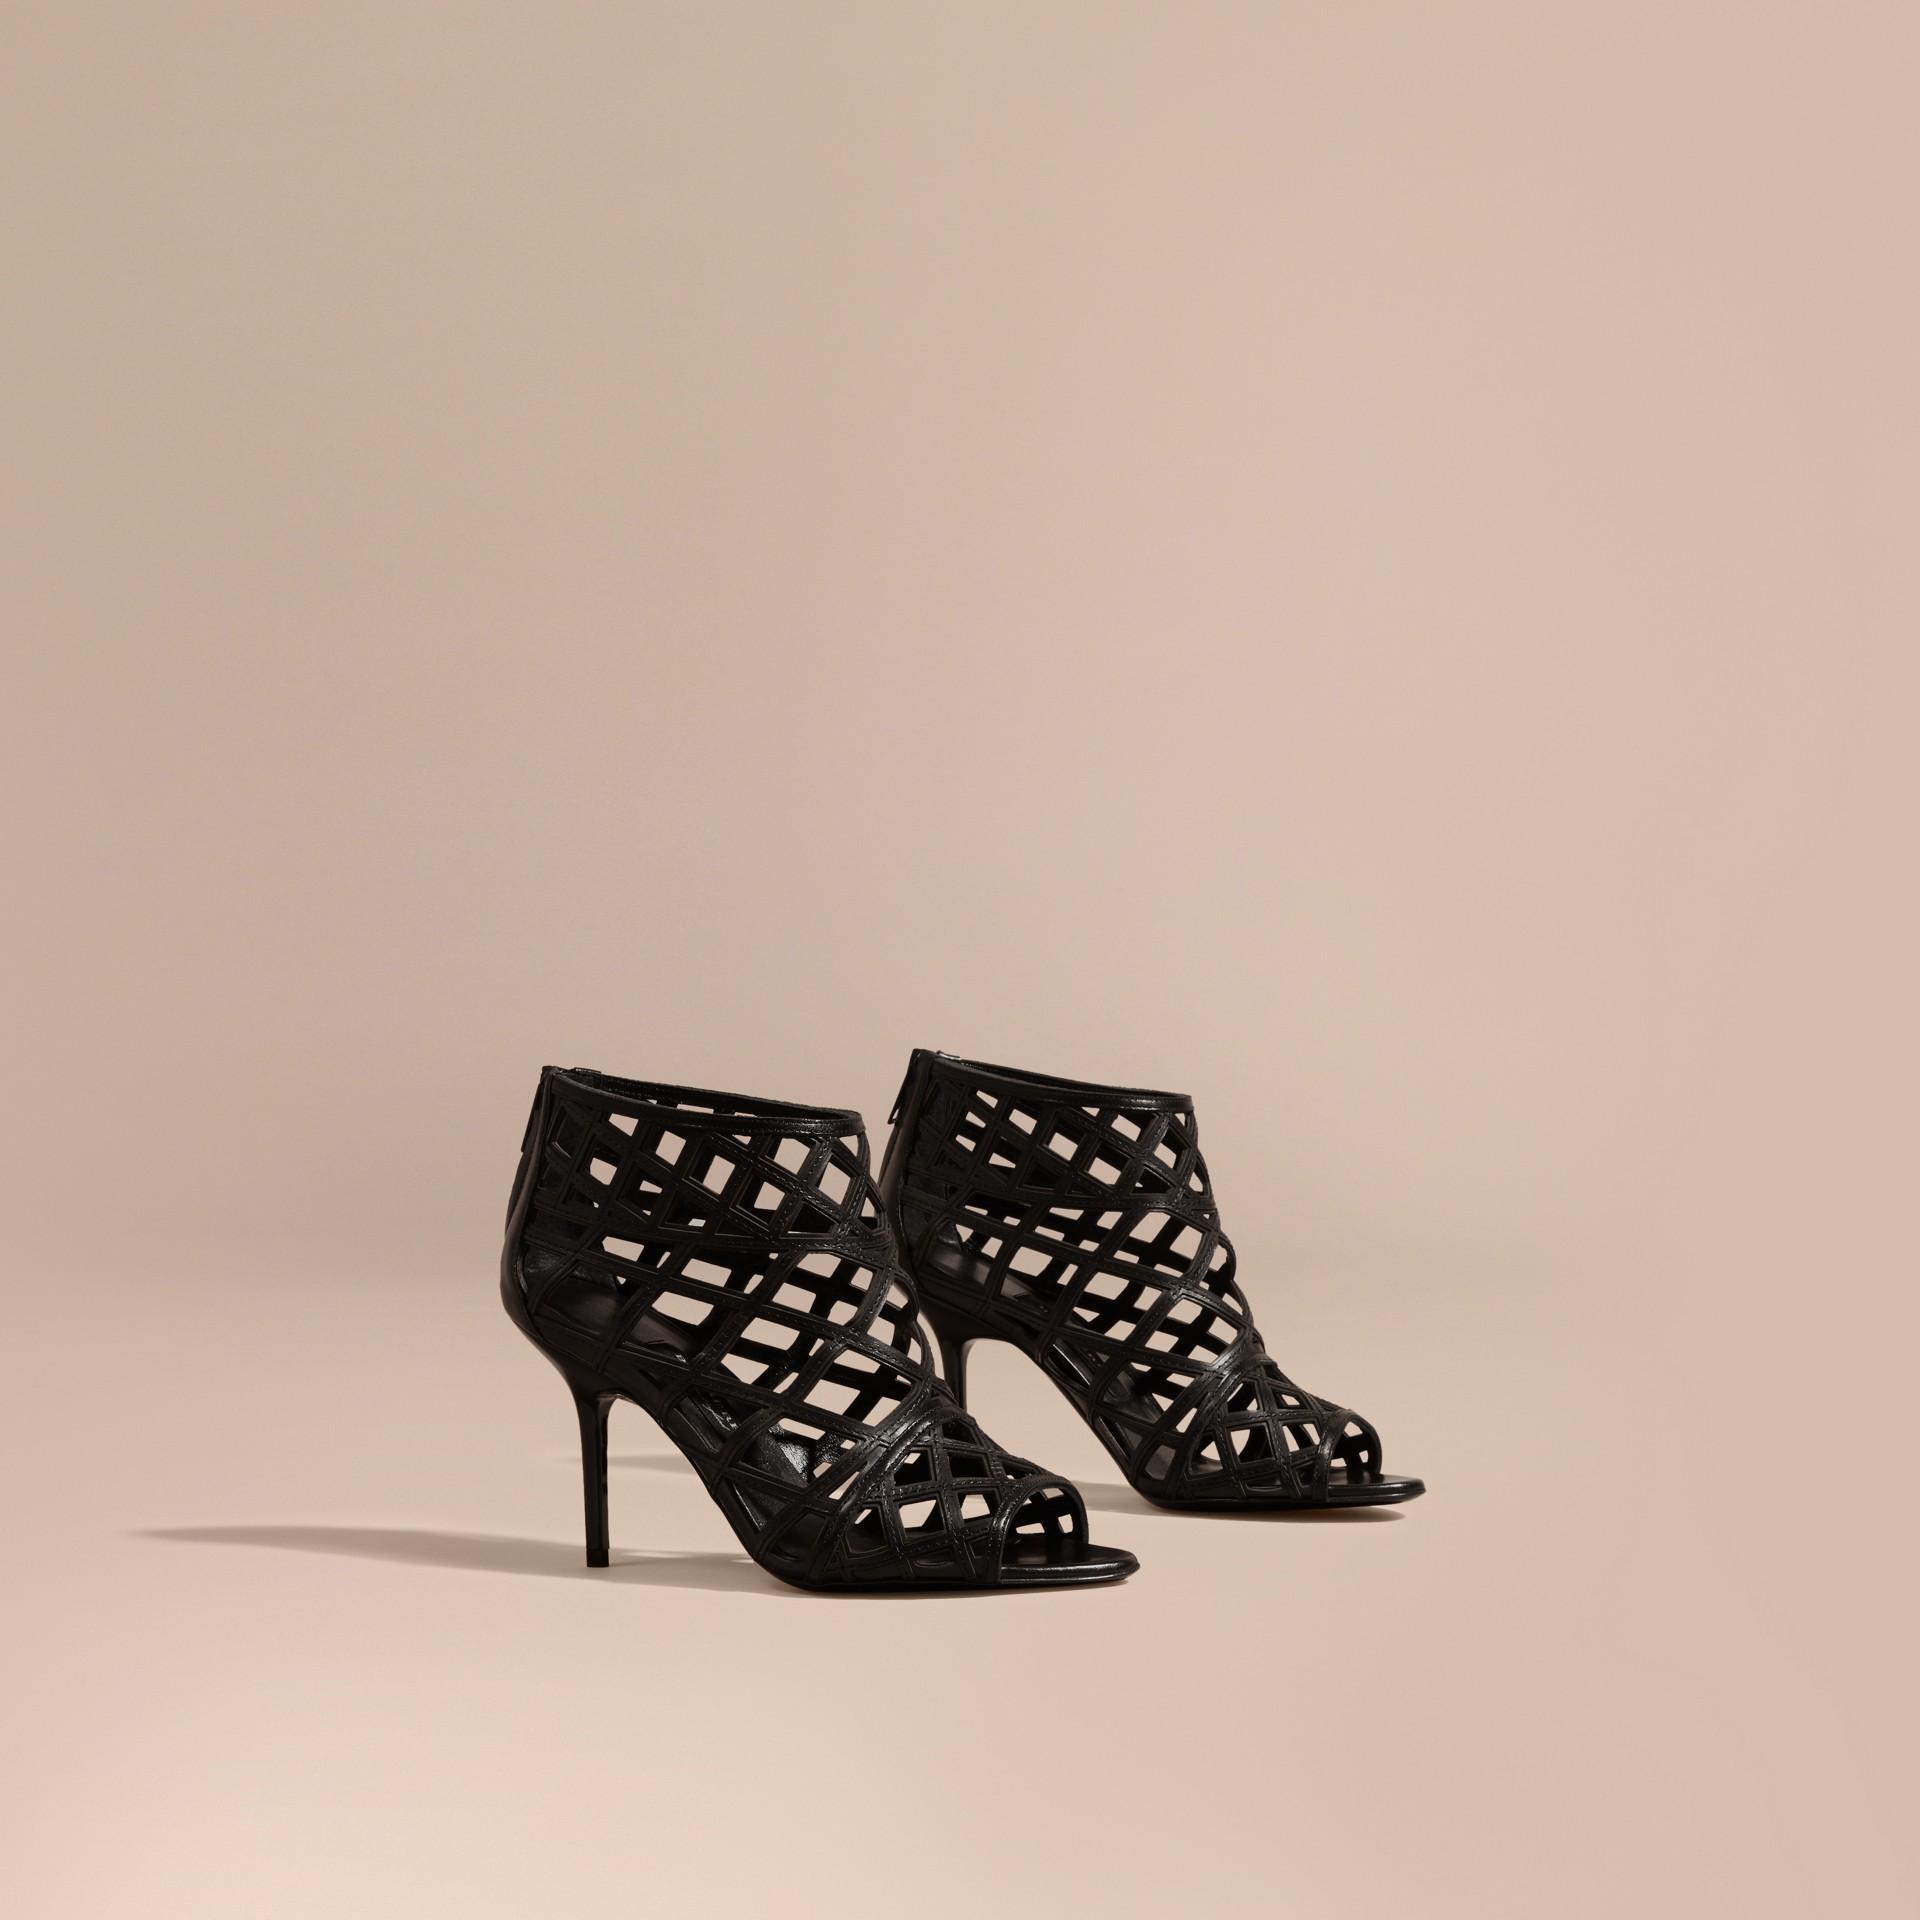 Noir Bottines en cuir avec découpes Noir - photo de la galerie 1